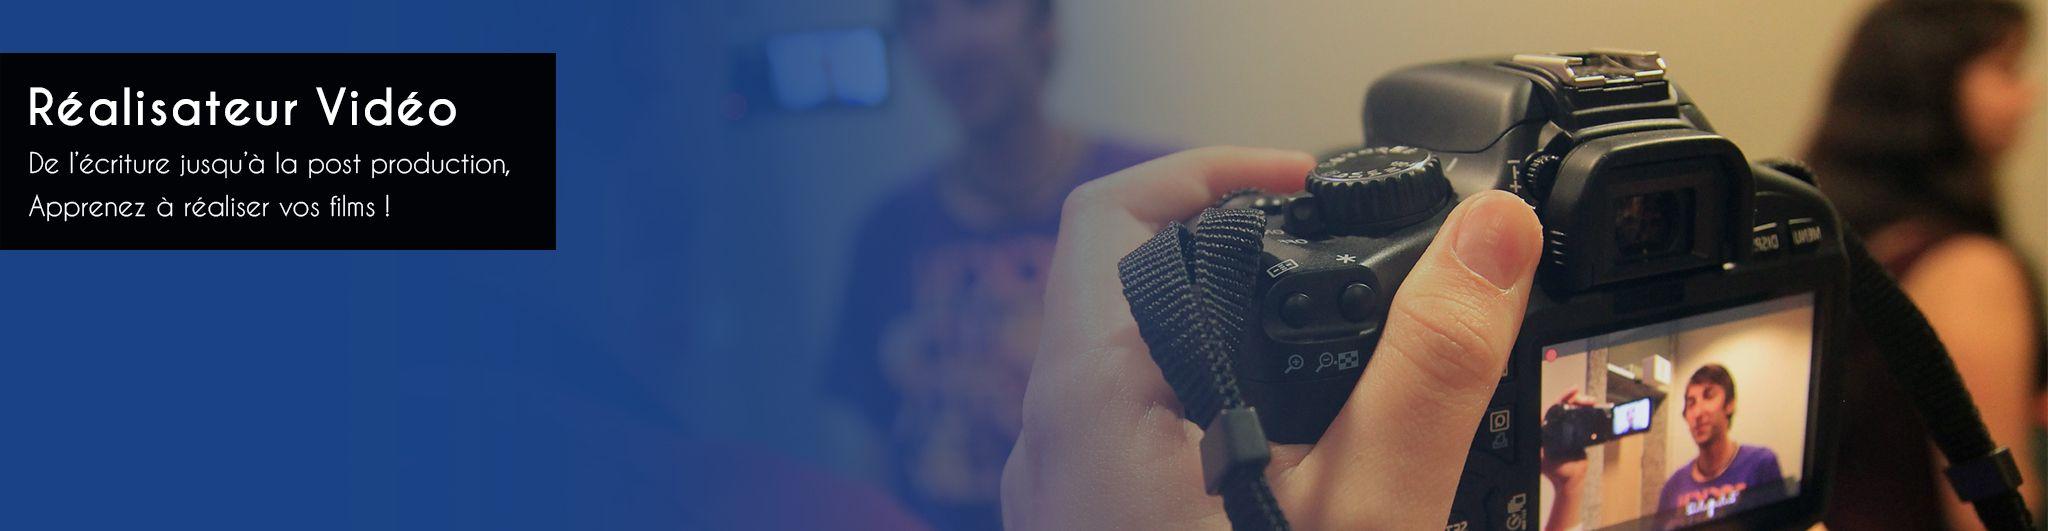 formation réalisateur vidéo